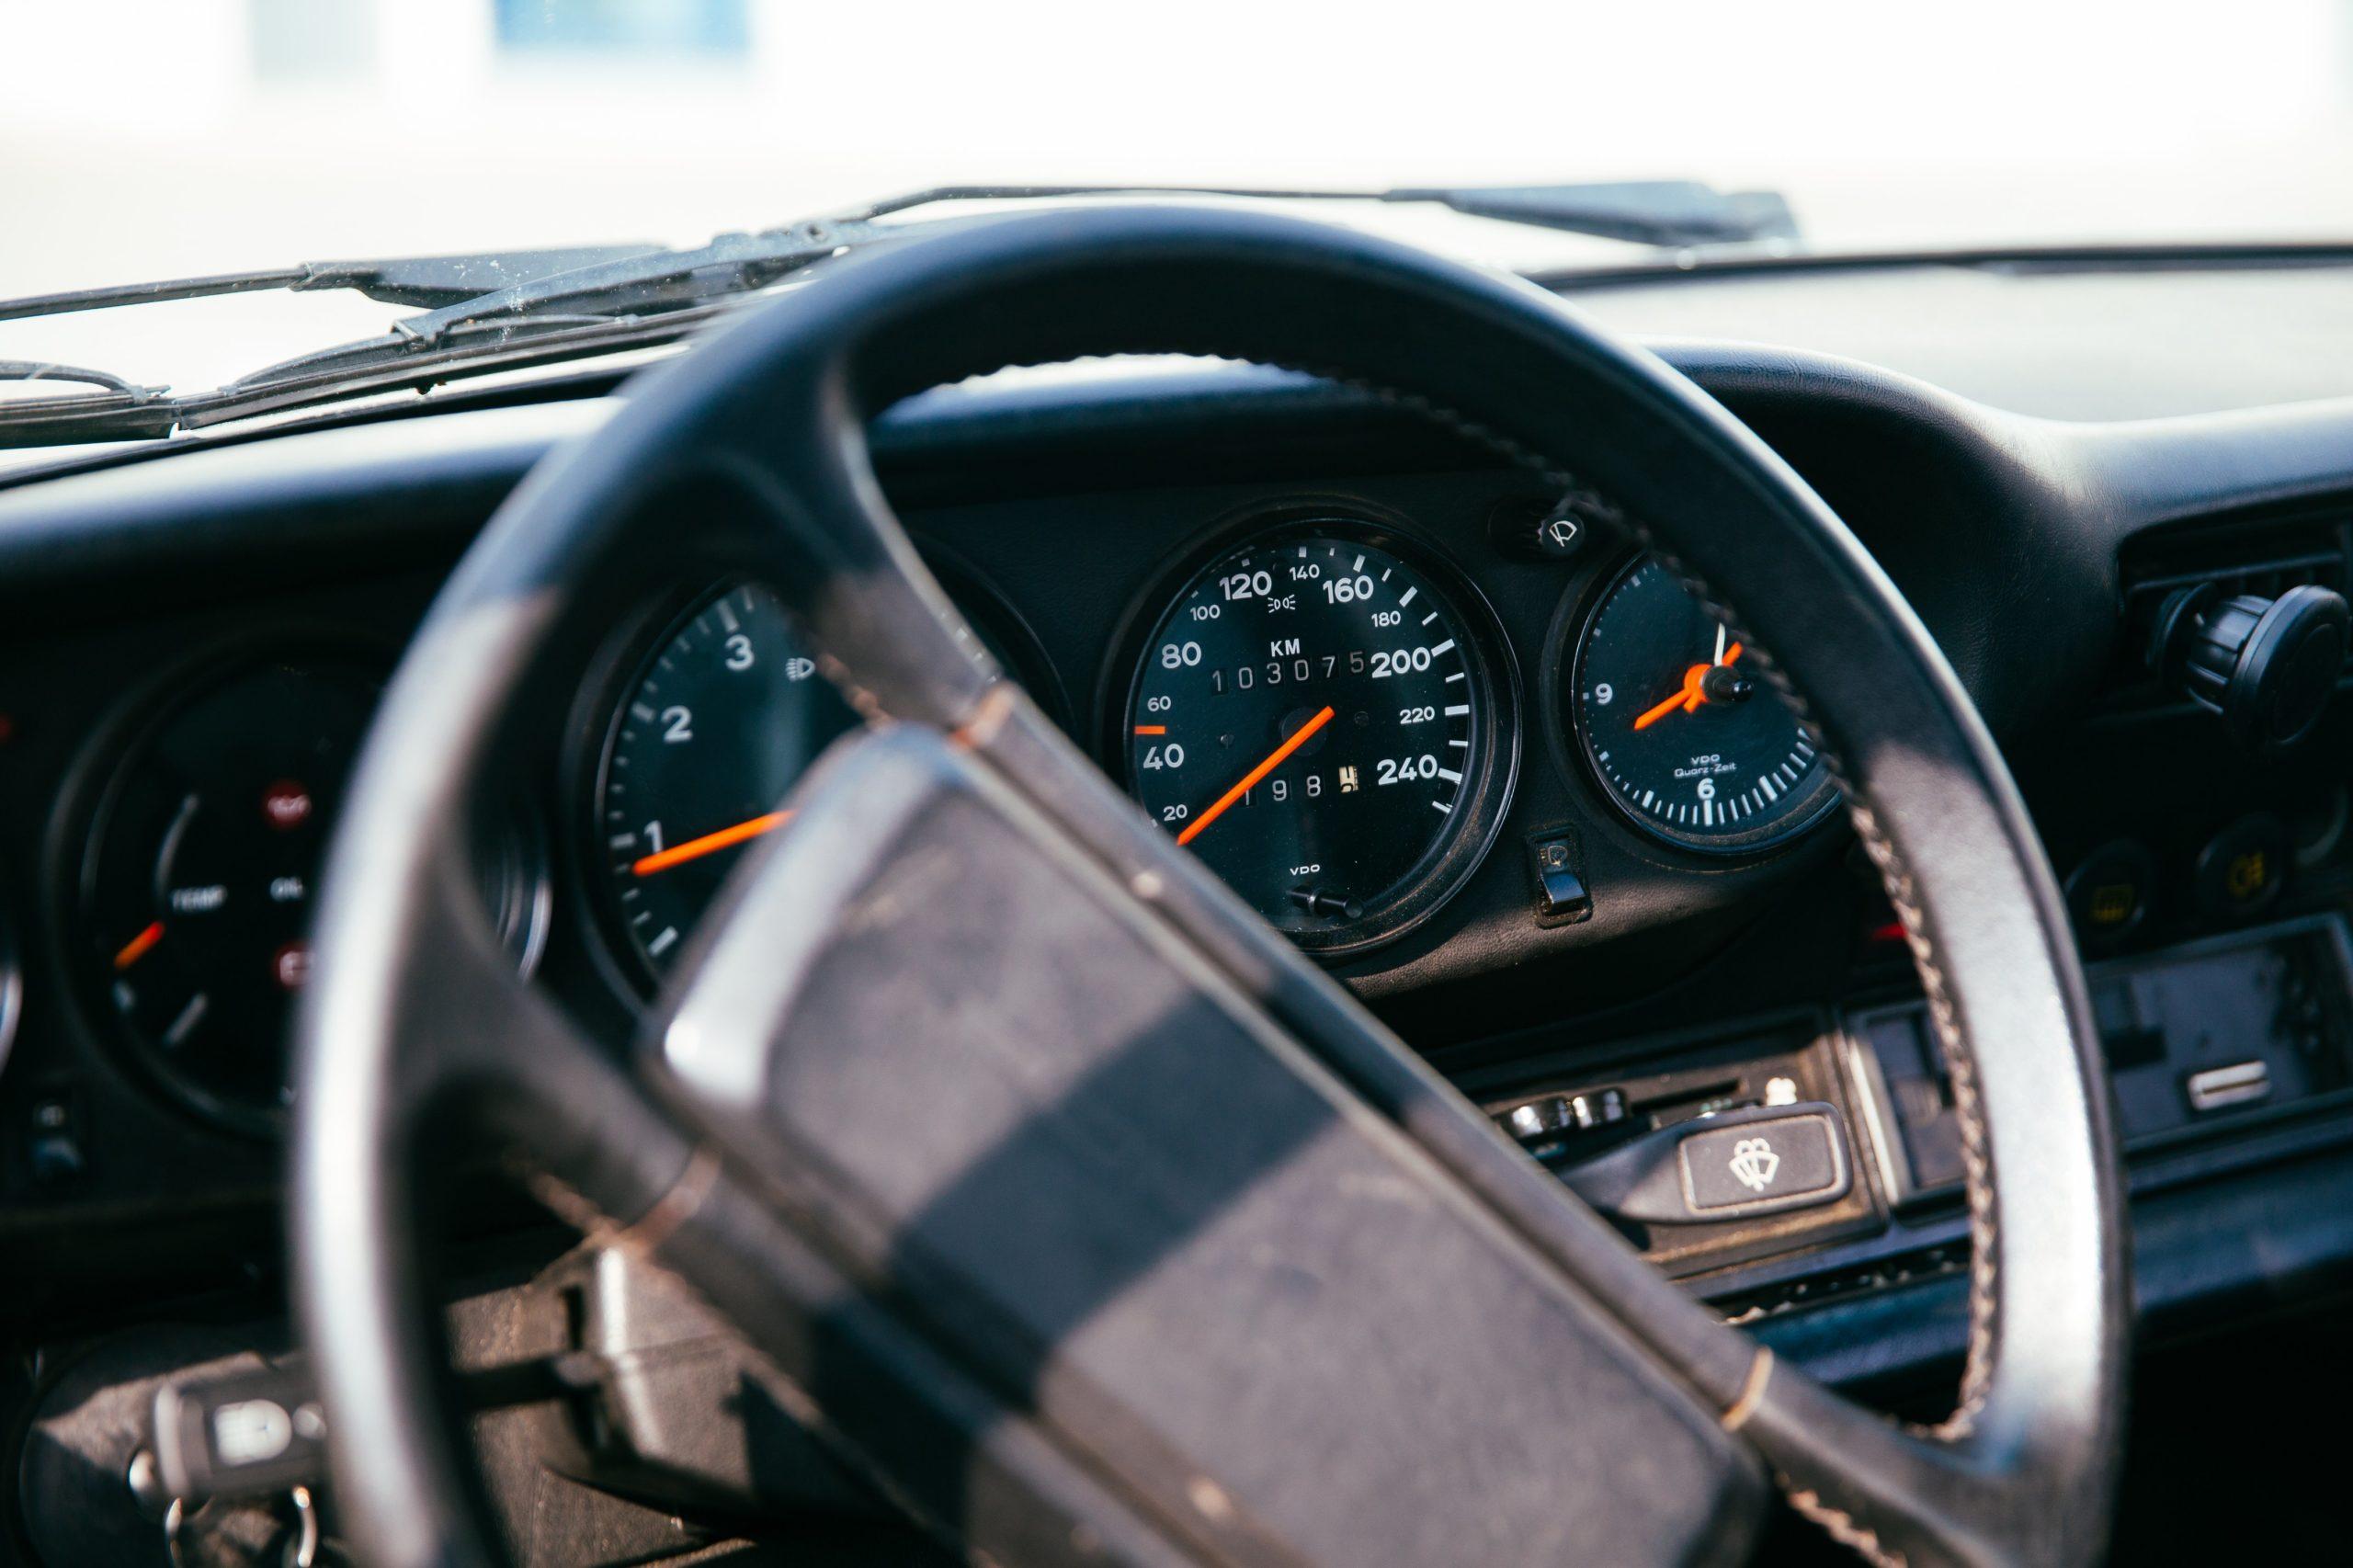 Romutuspalkkiokriteerit täyttävä auto